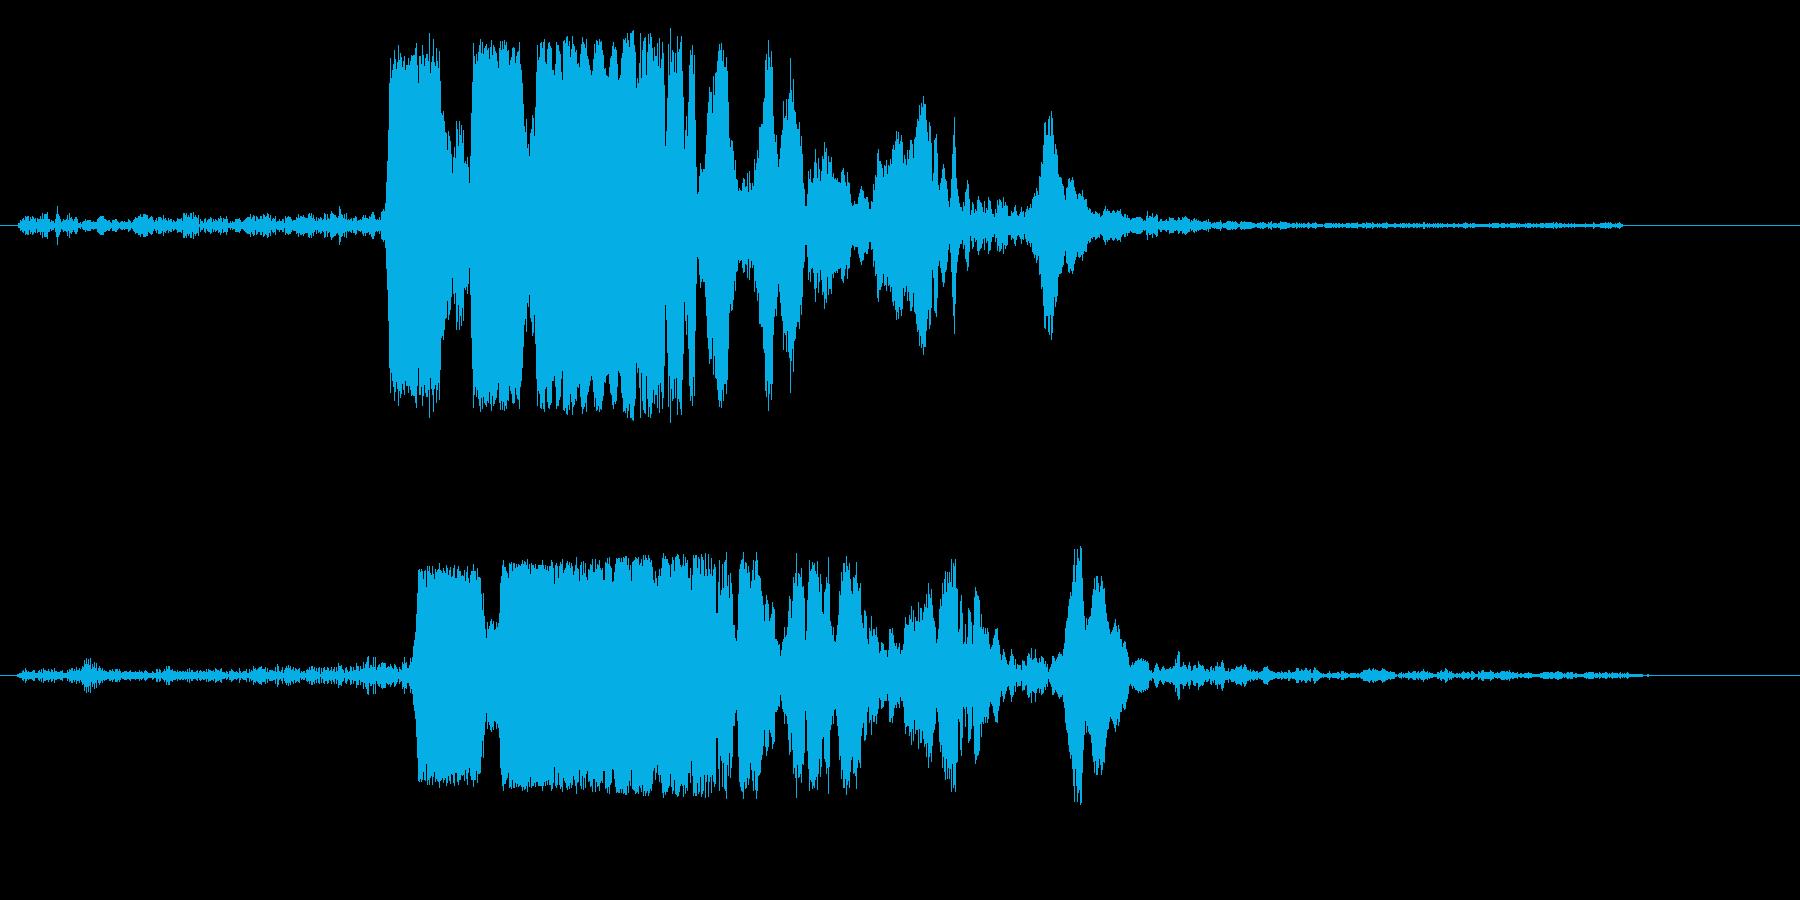 キキーッ(自動車の急ブレーキ音)の再生済みの波形